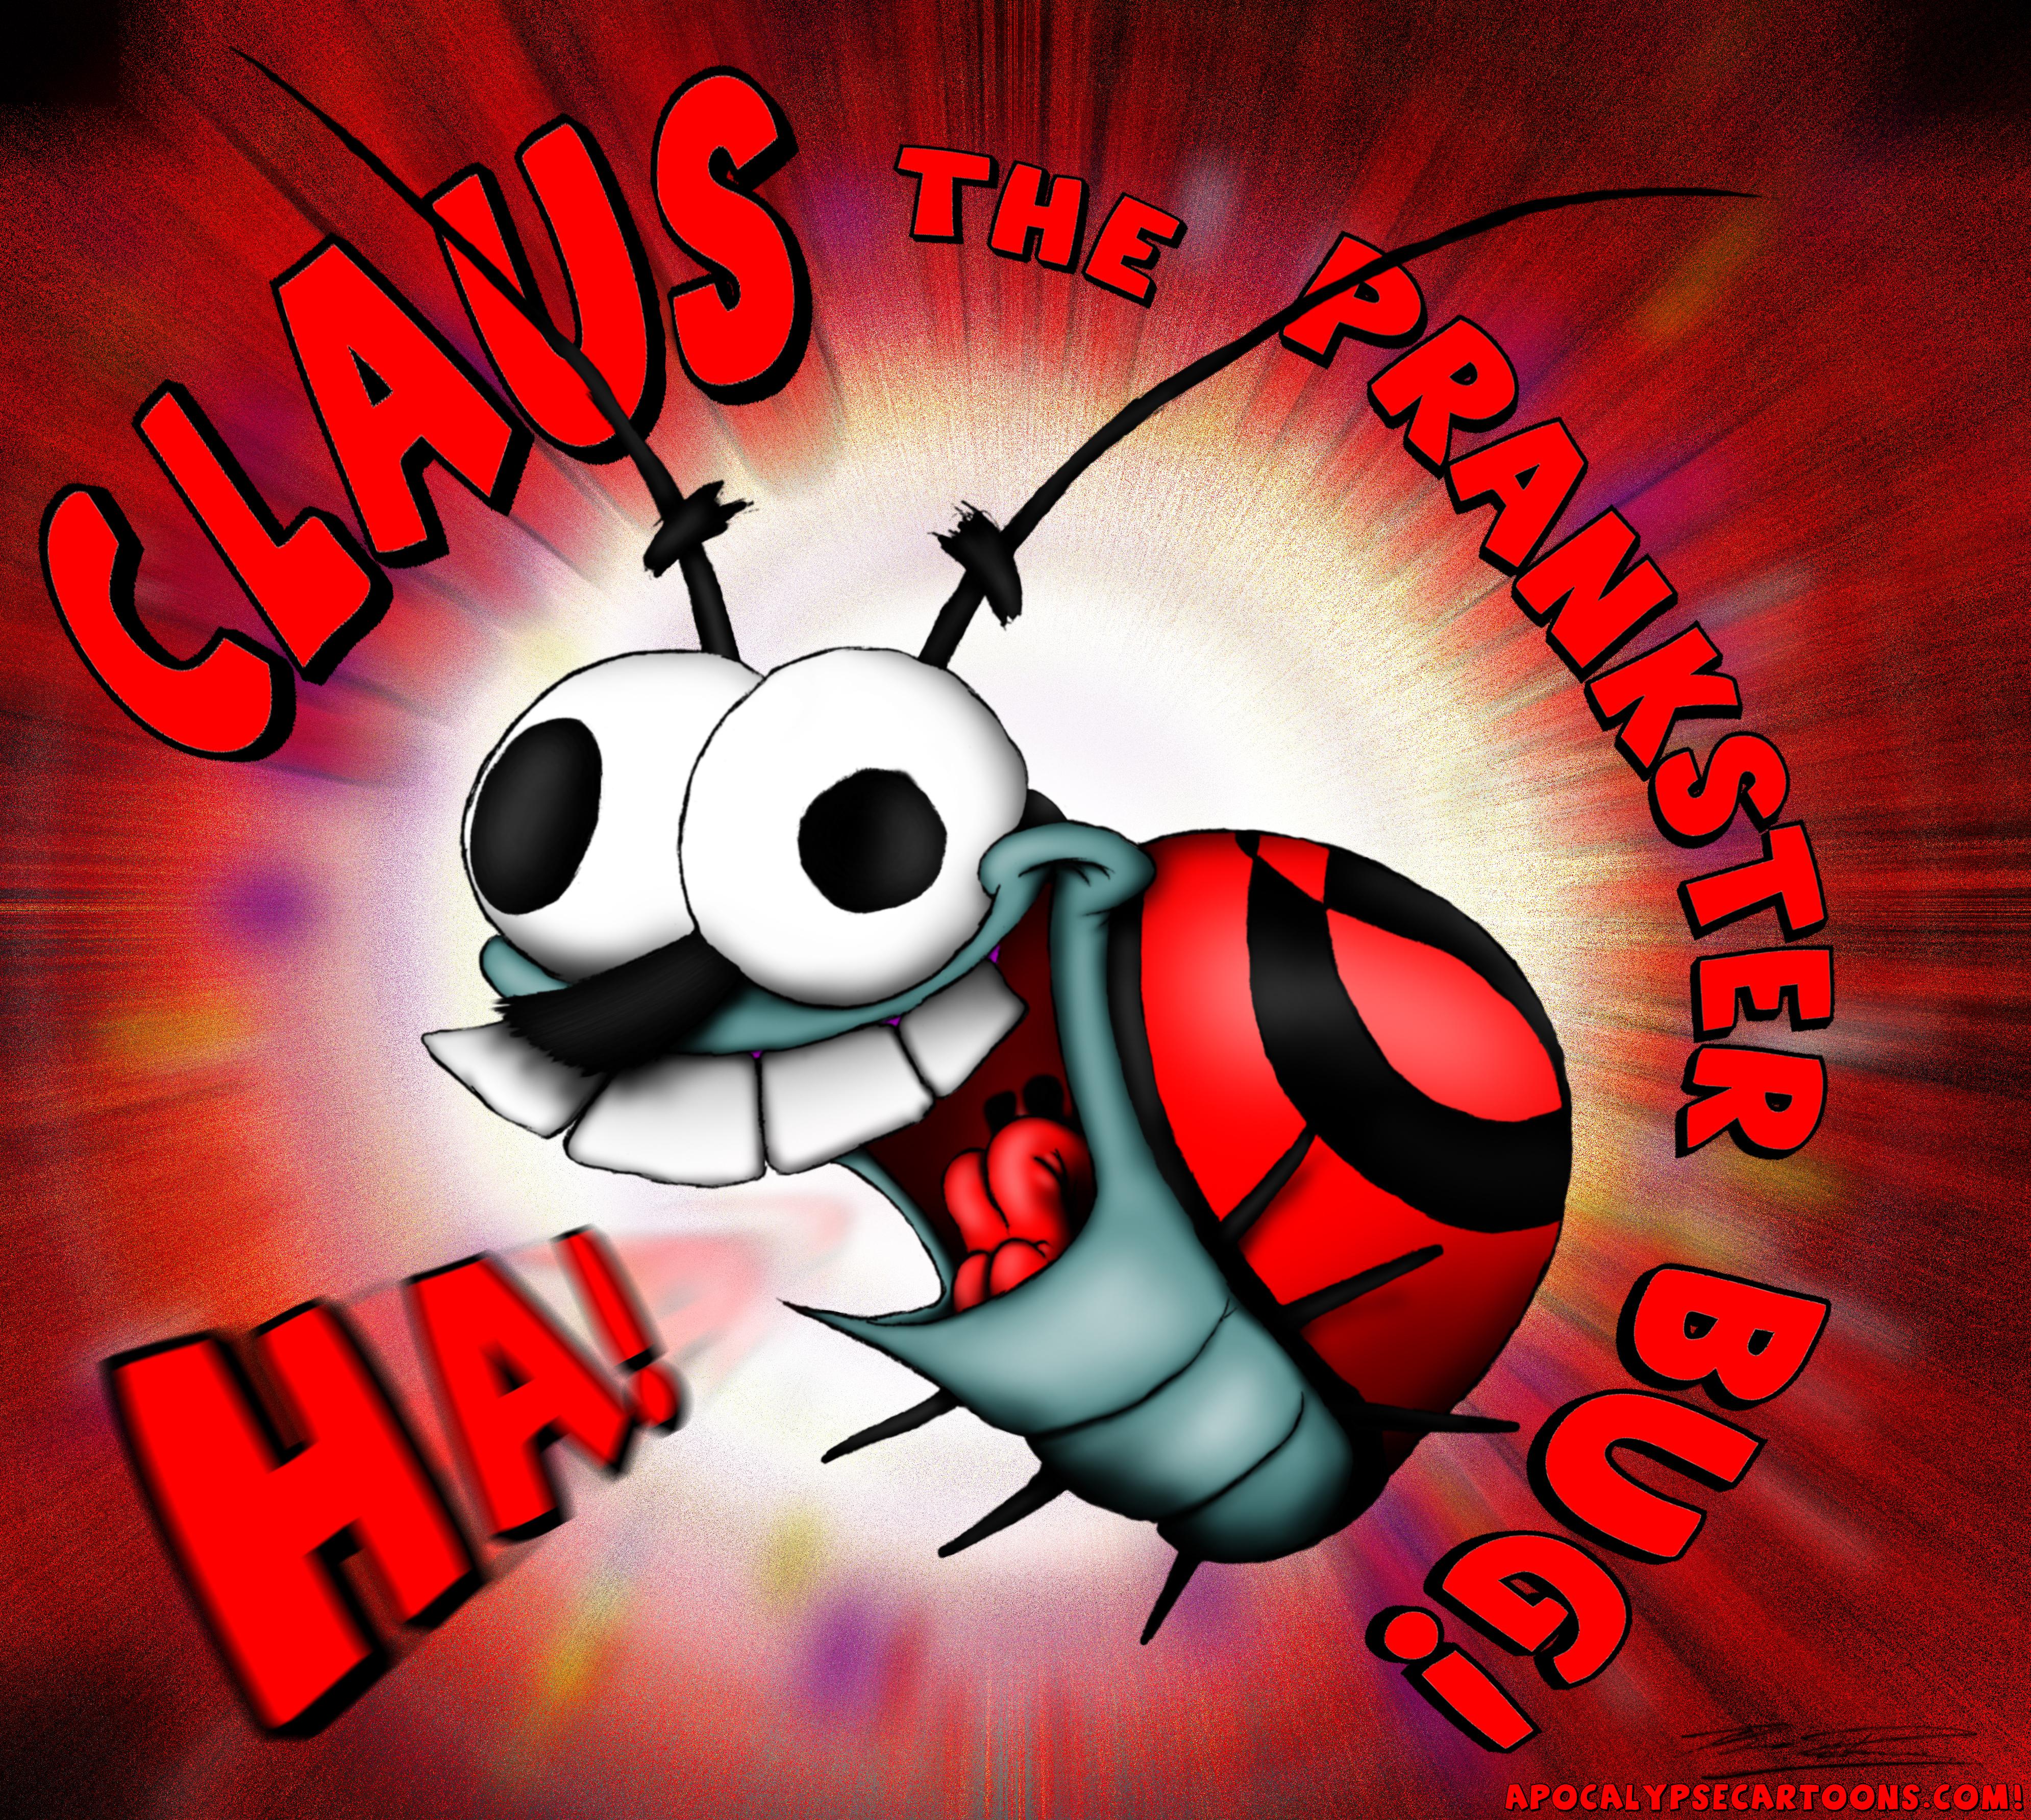 Claus the Prankster Bug!